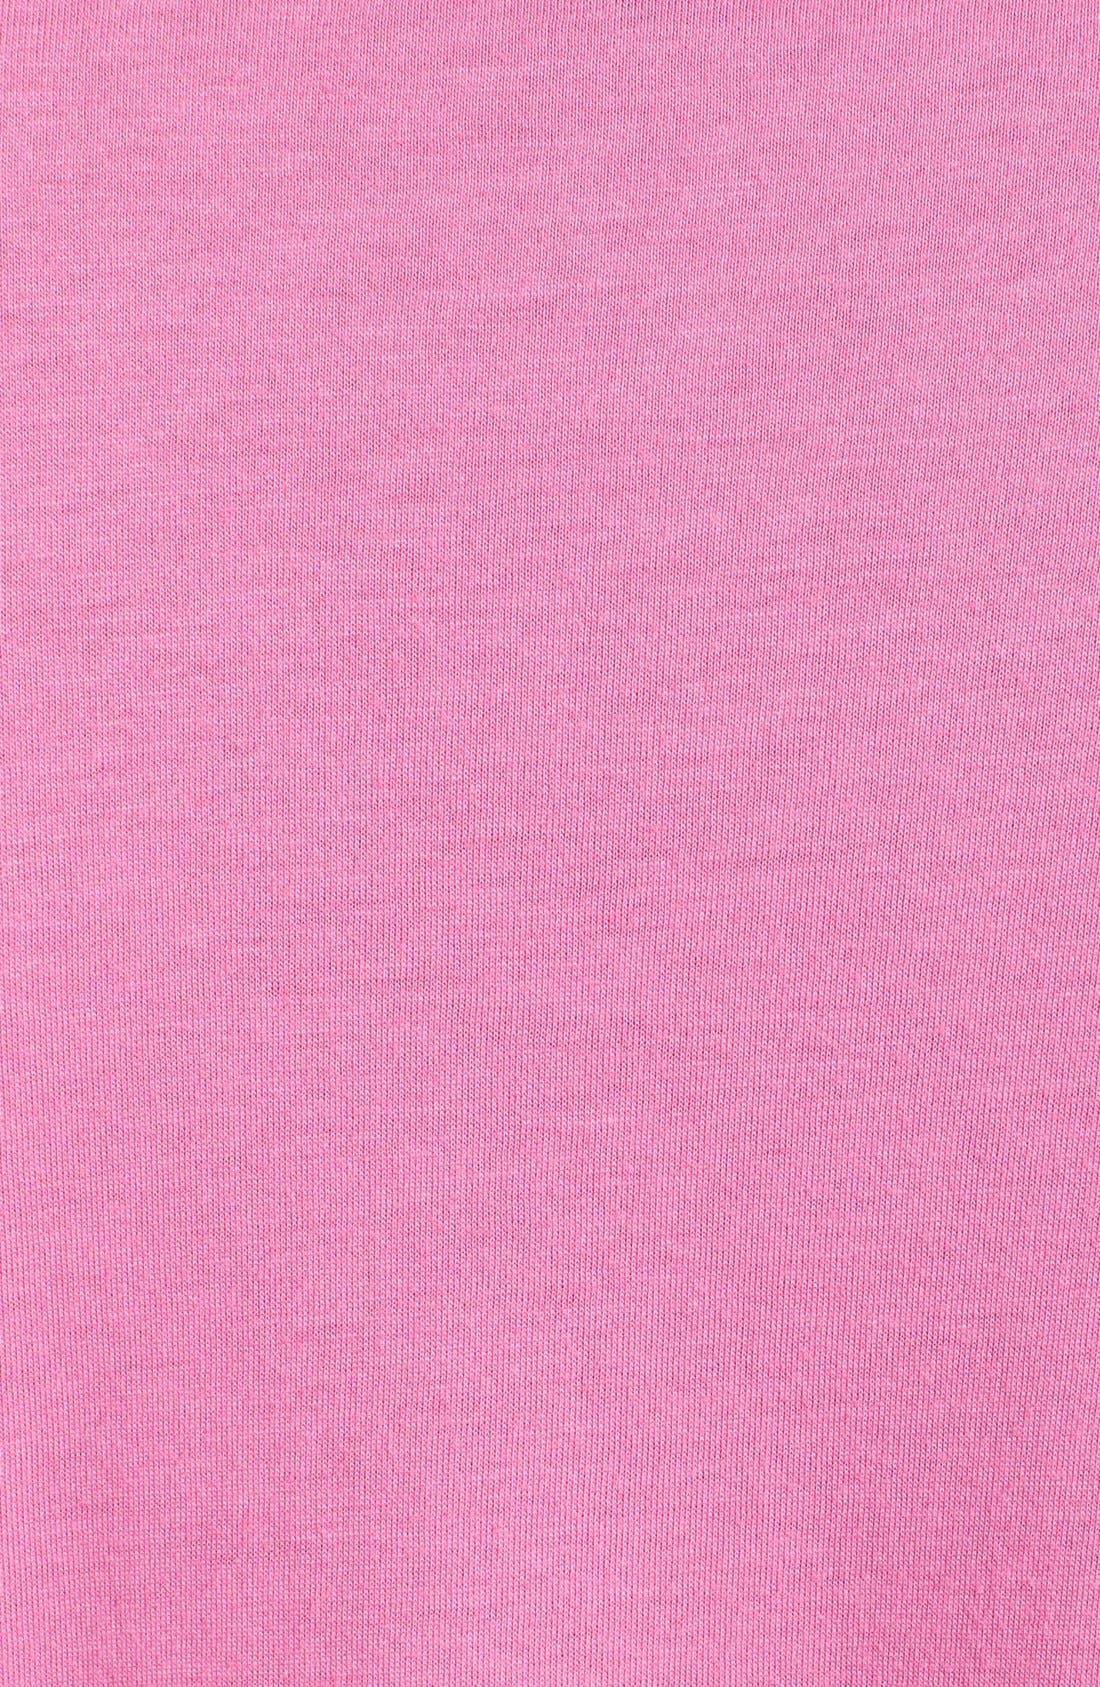 Alternate Image 3  - Lauren Ralph Lauren Knit Pajamas (Online Only)